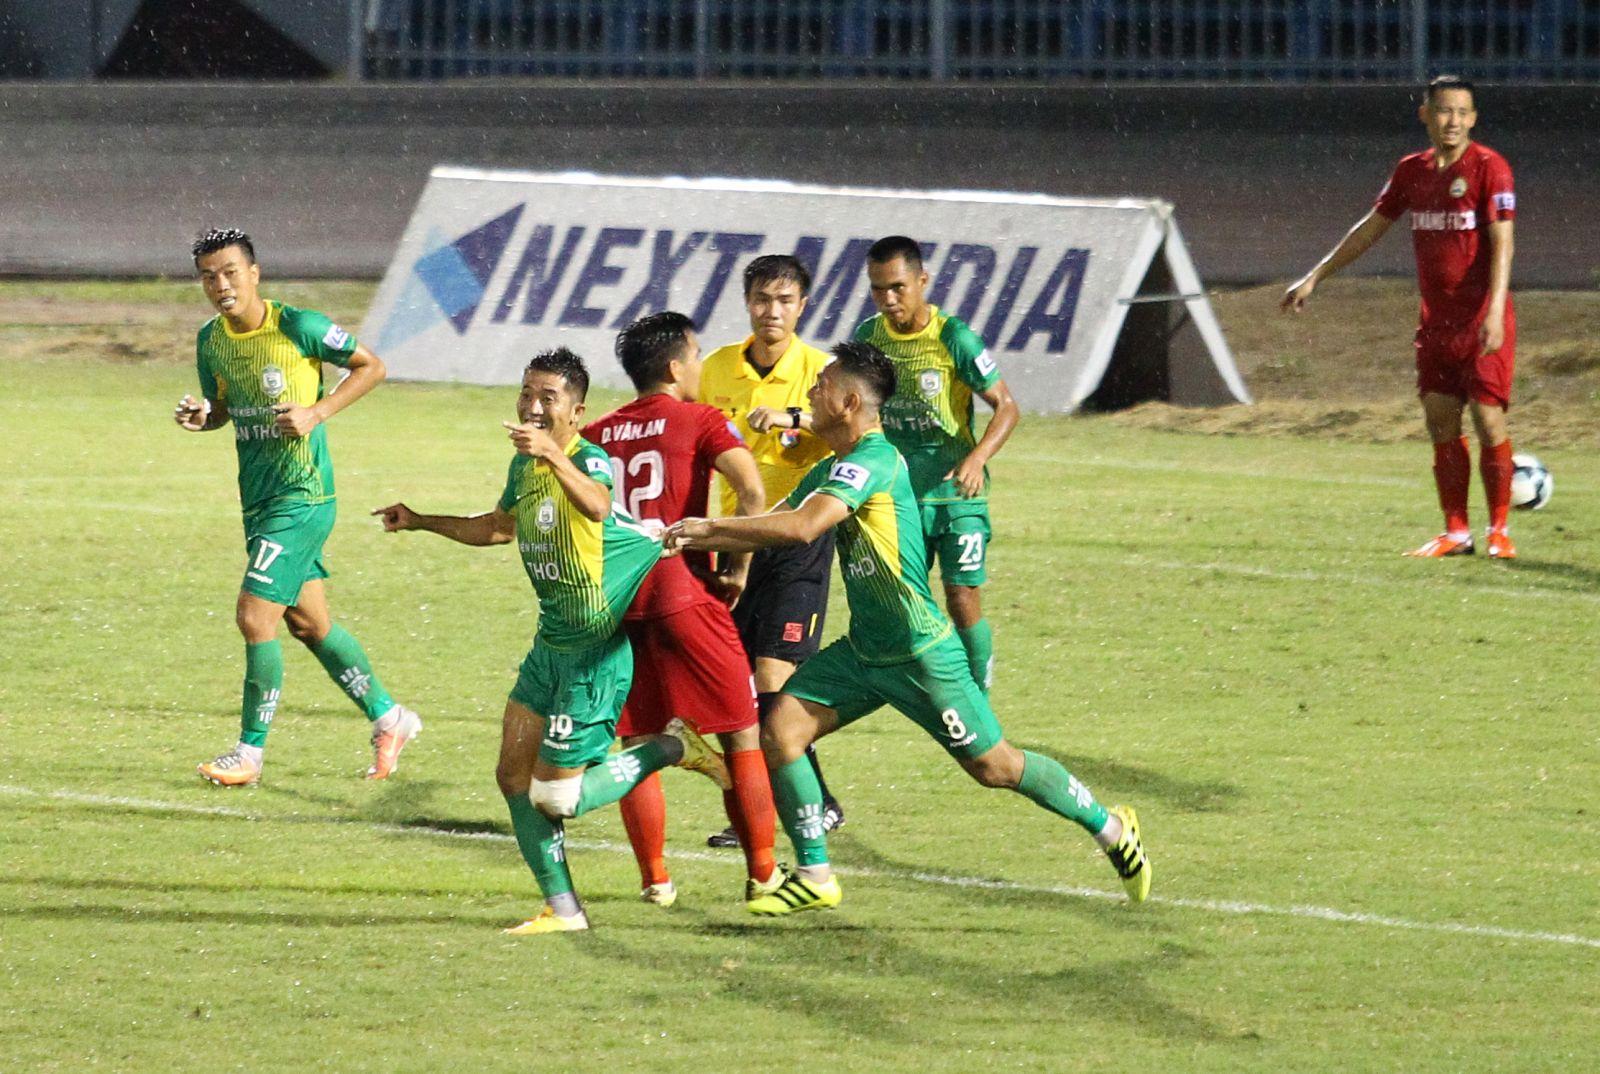 Các cầu thủ Cần Thơ (áo xanh) mừng bàn thắng nâng tỷ số lên 2-1 của Hải Đăng. Ảnh: NGUYỄN MINH